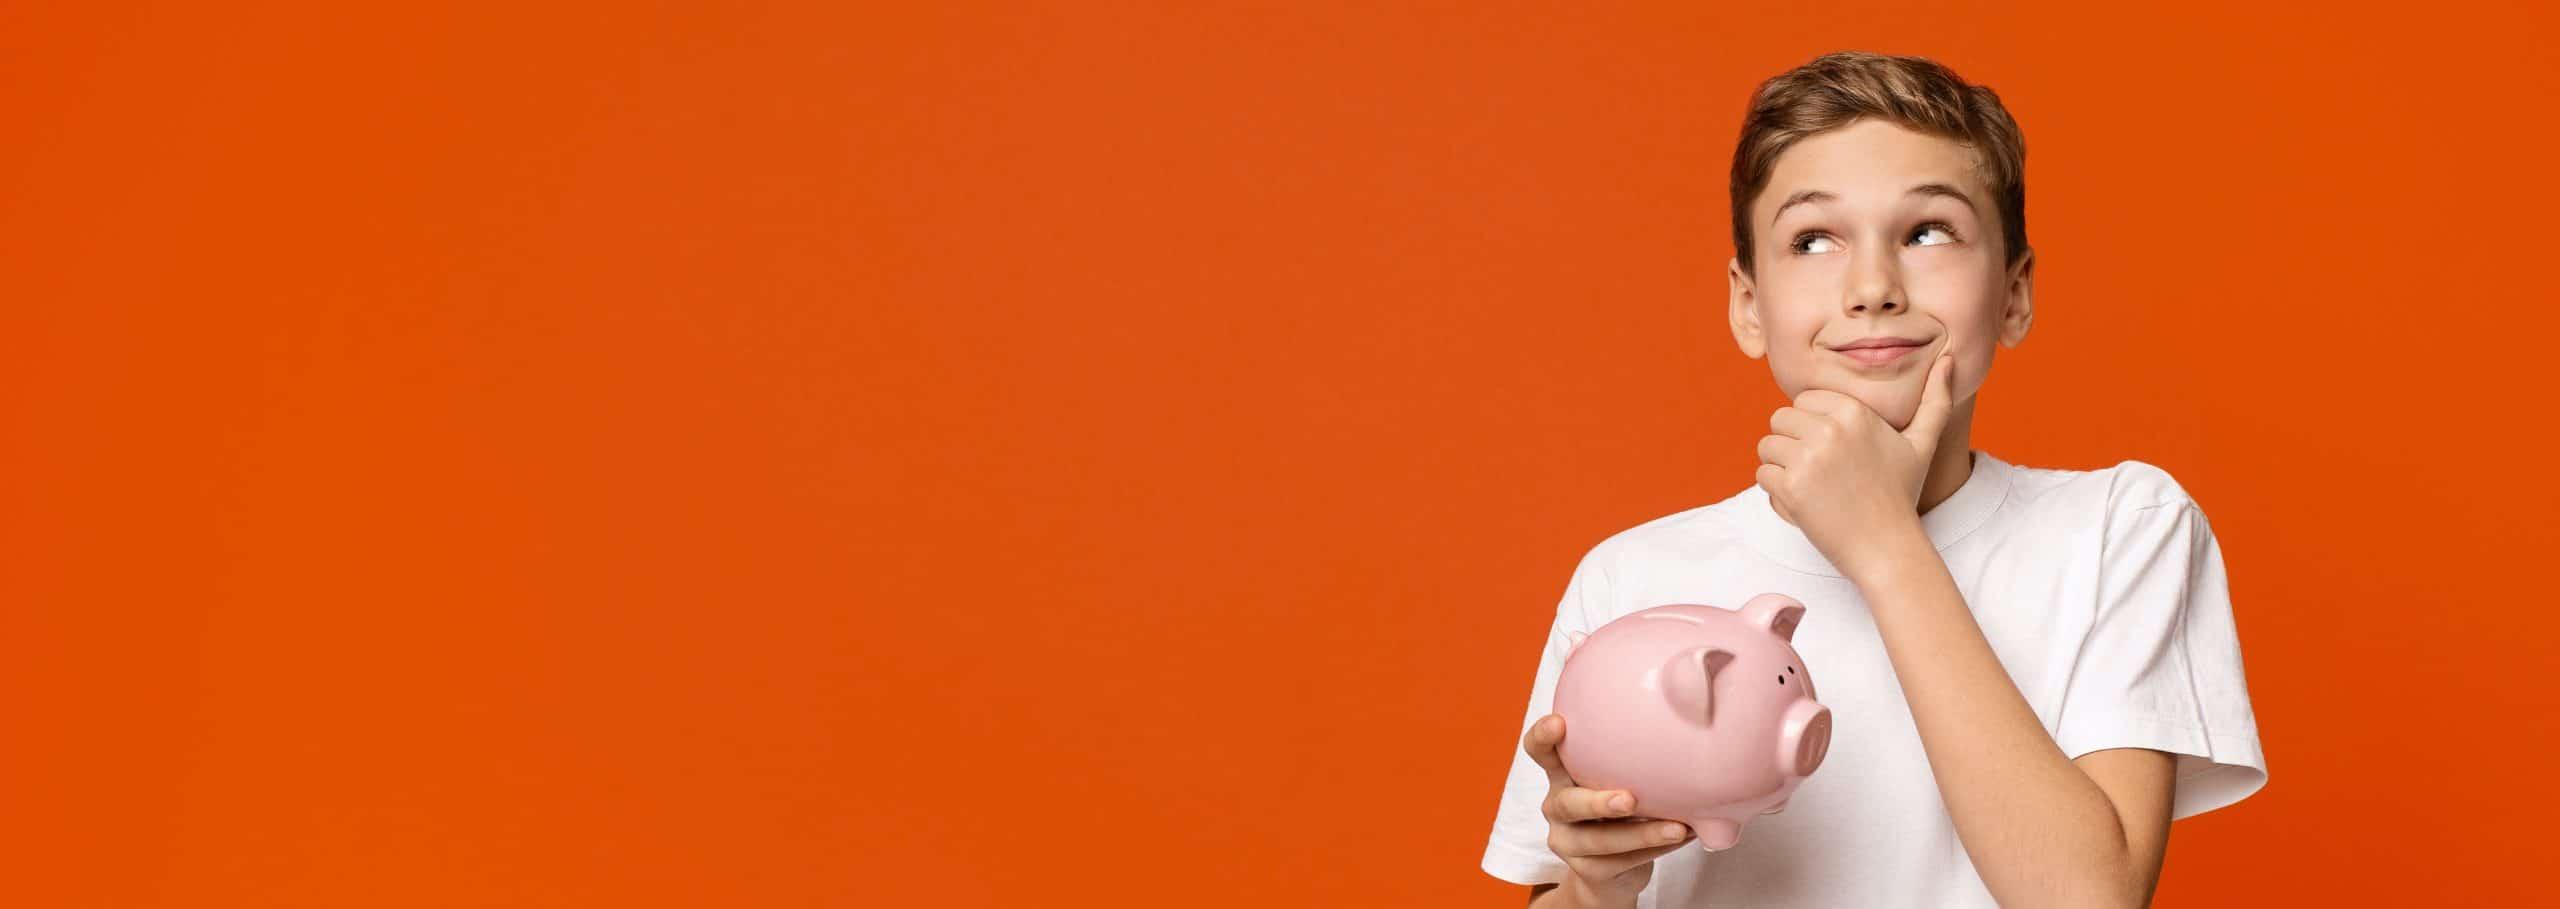 Als Schuler Geld Verdienen 13 14 15 16 17 Und 18 Jahre